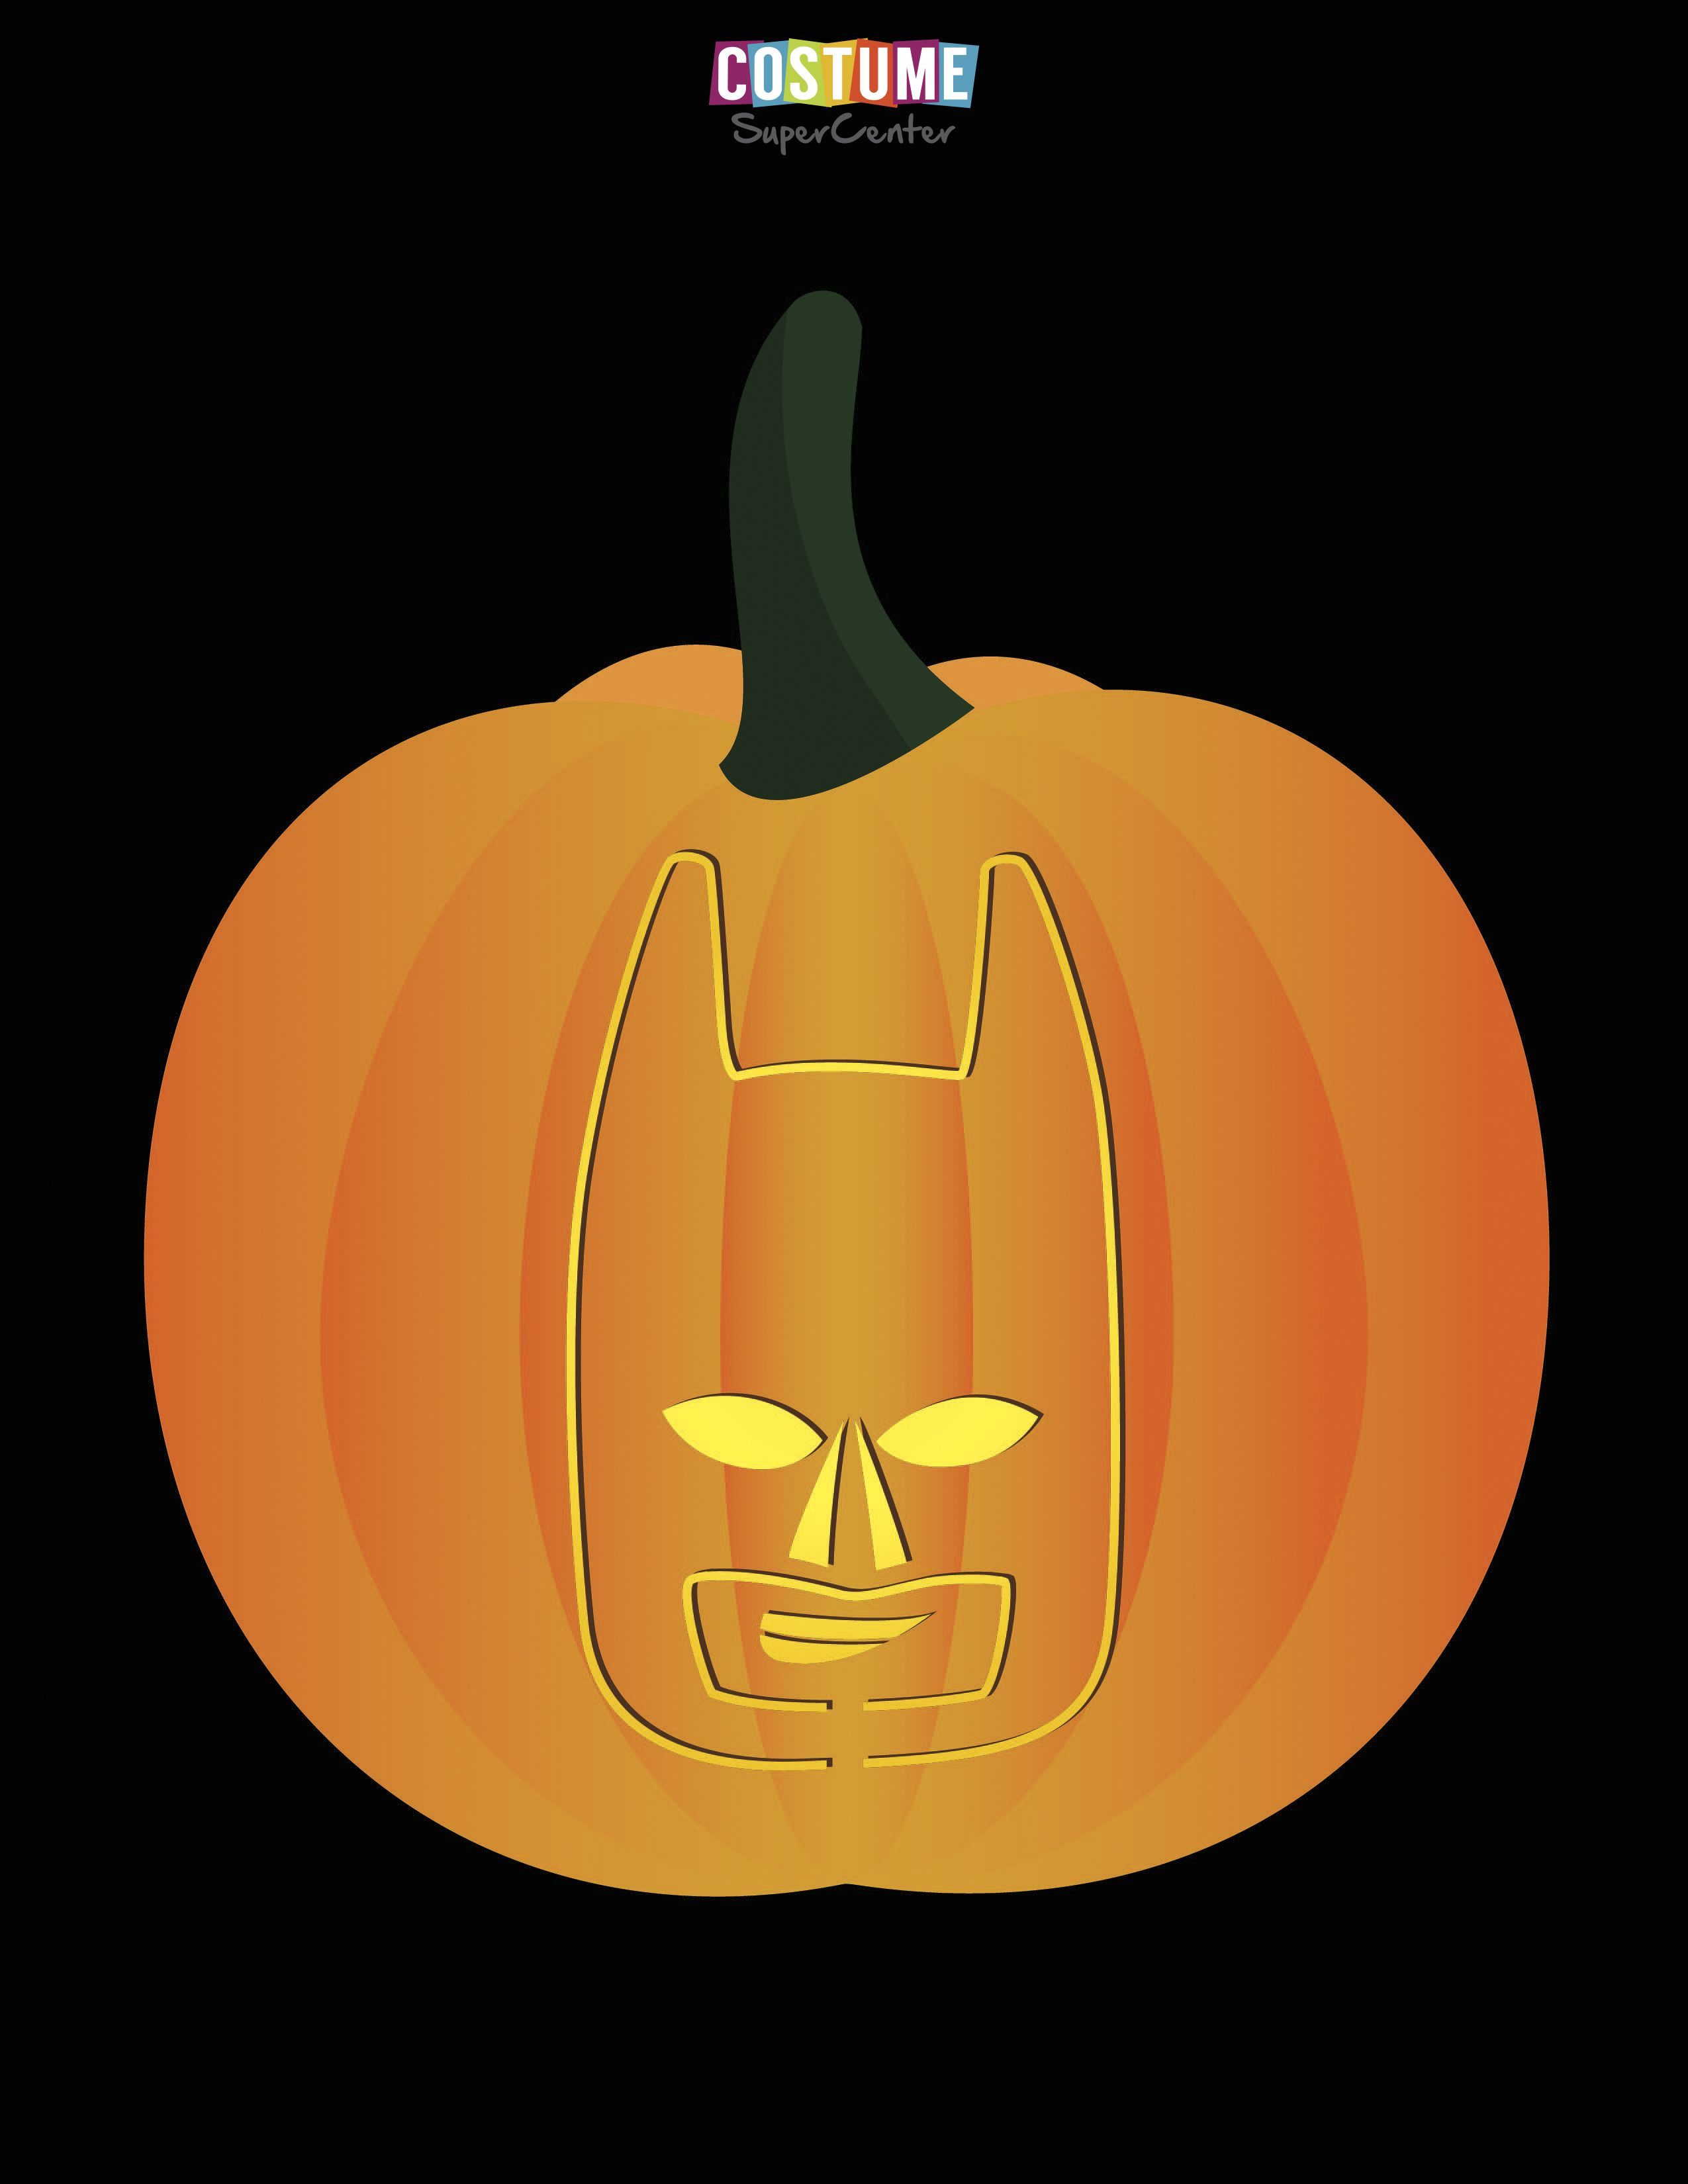 Lego batman pumpkin carving stencils batman pumpkin for Batman pumpkin carving templates free